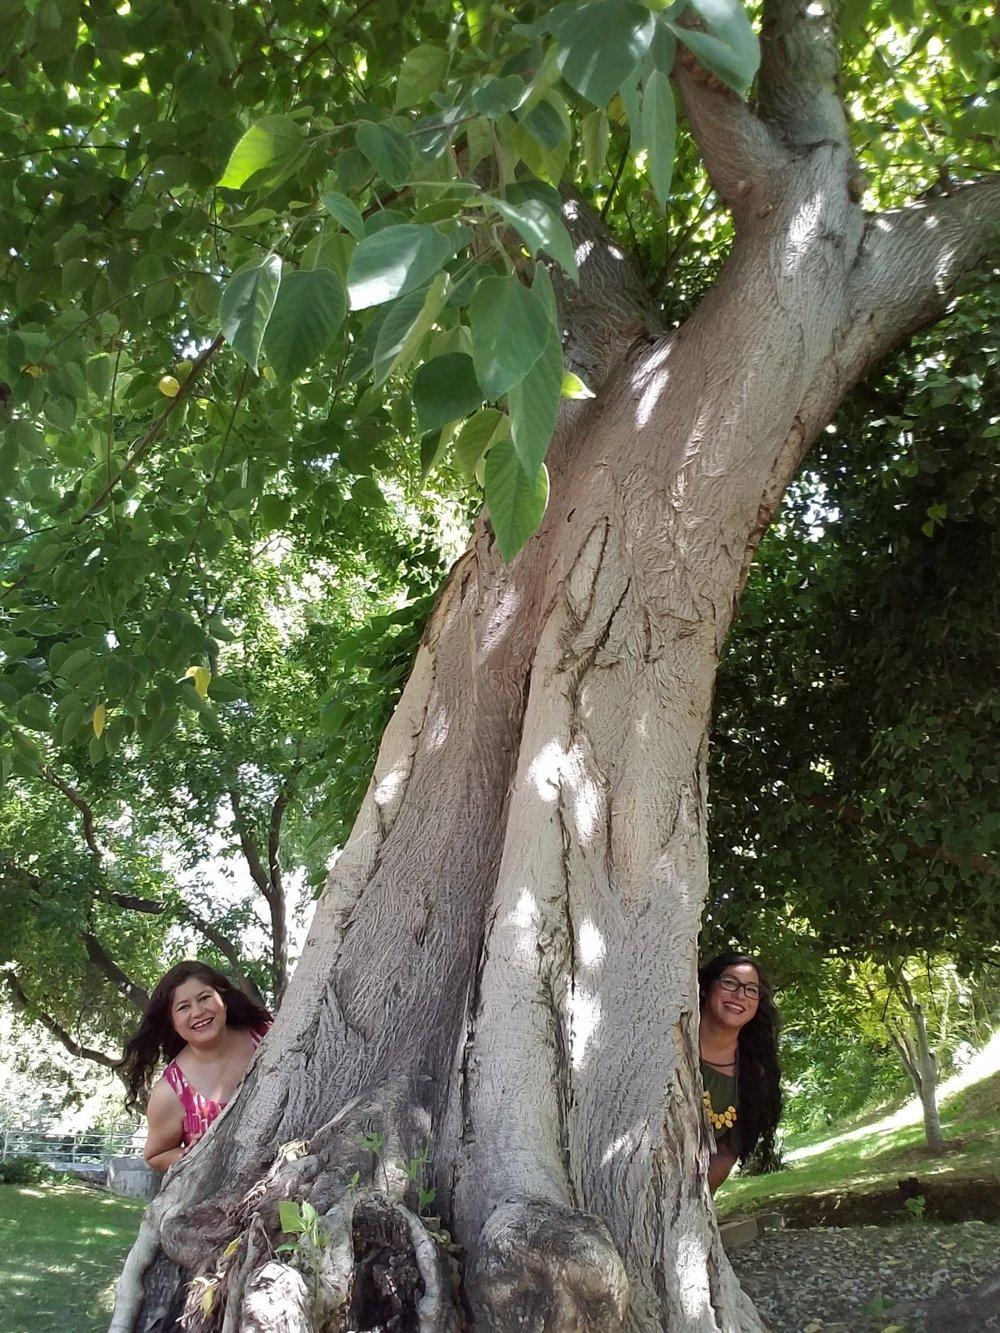 Tree goofing